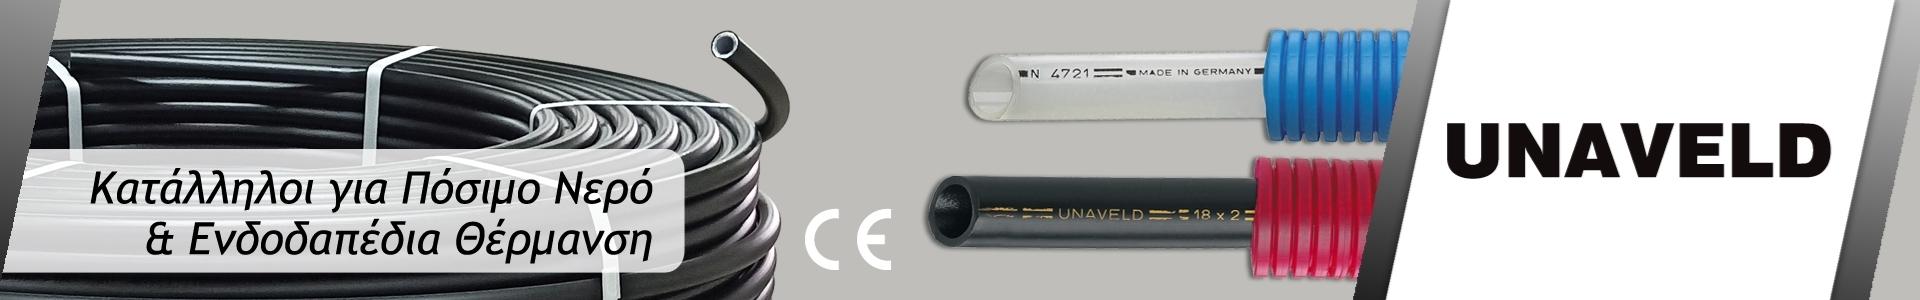 Εικόνα από UNAVELD: Σωλήνες Πολυαιθυλενίου, Πολυστρωματικοί & 5 Στρωμάτων